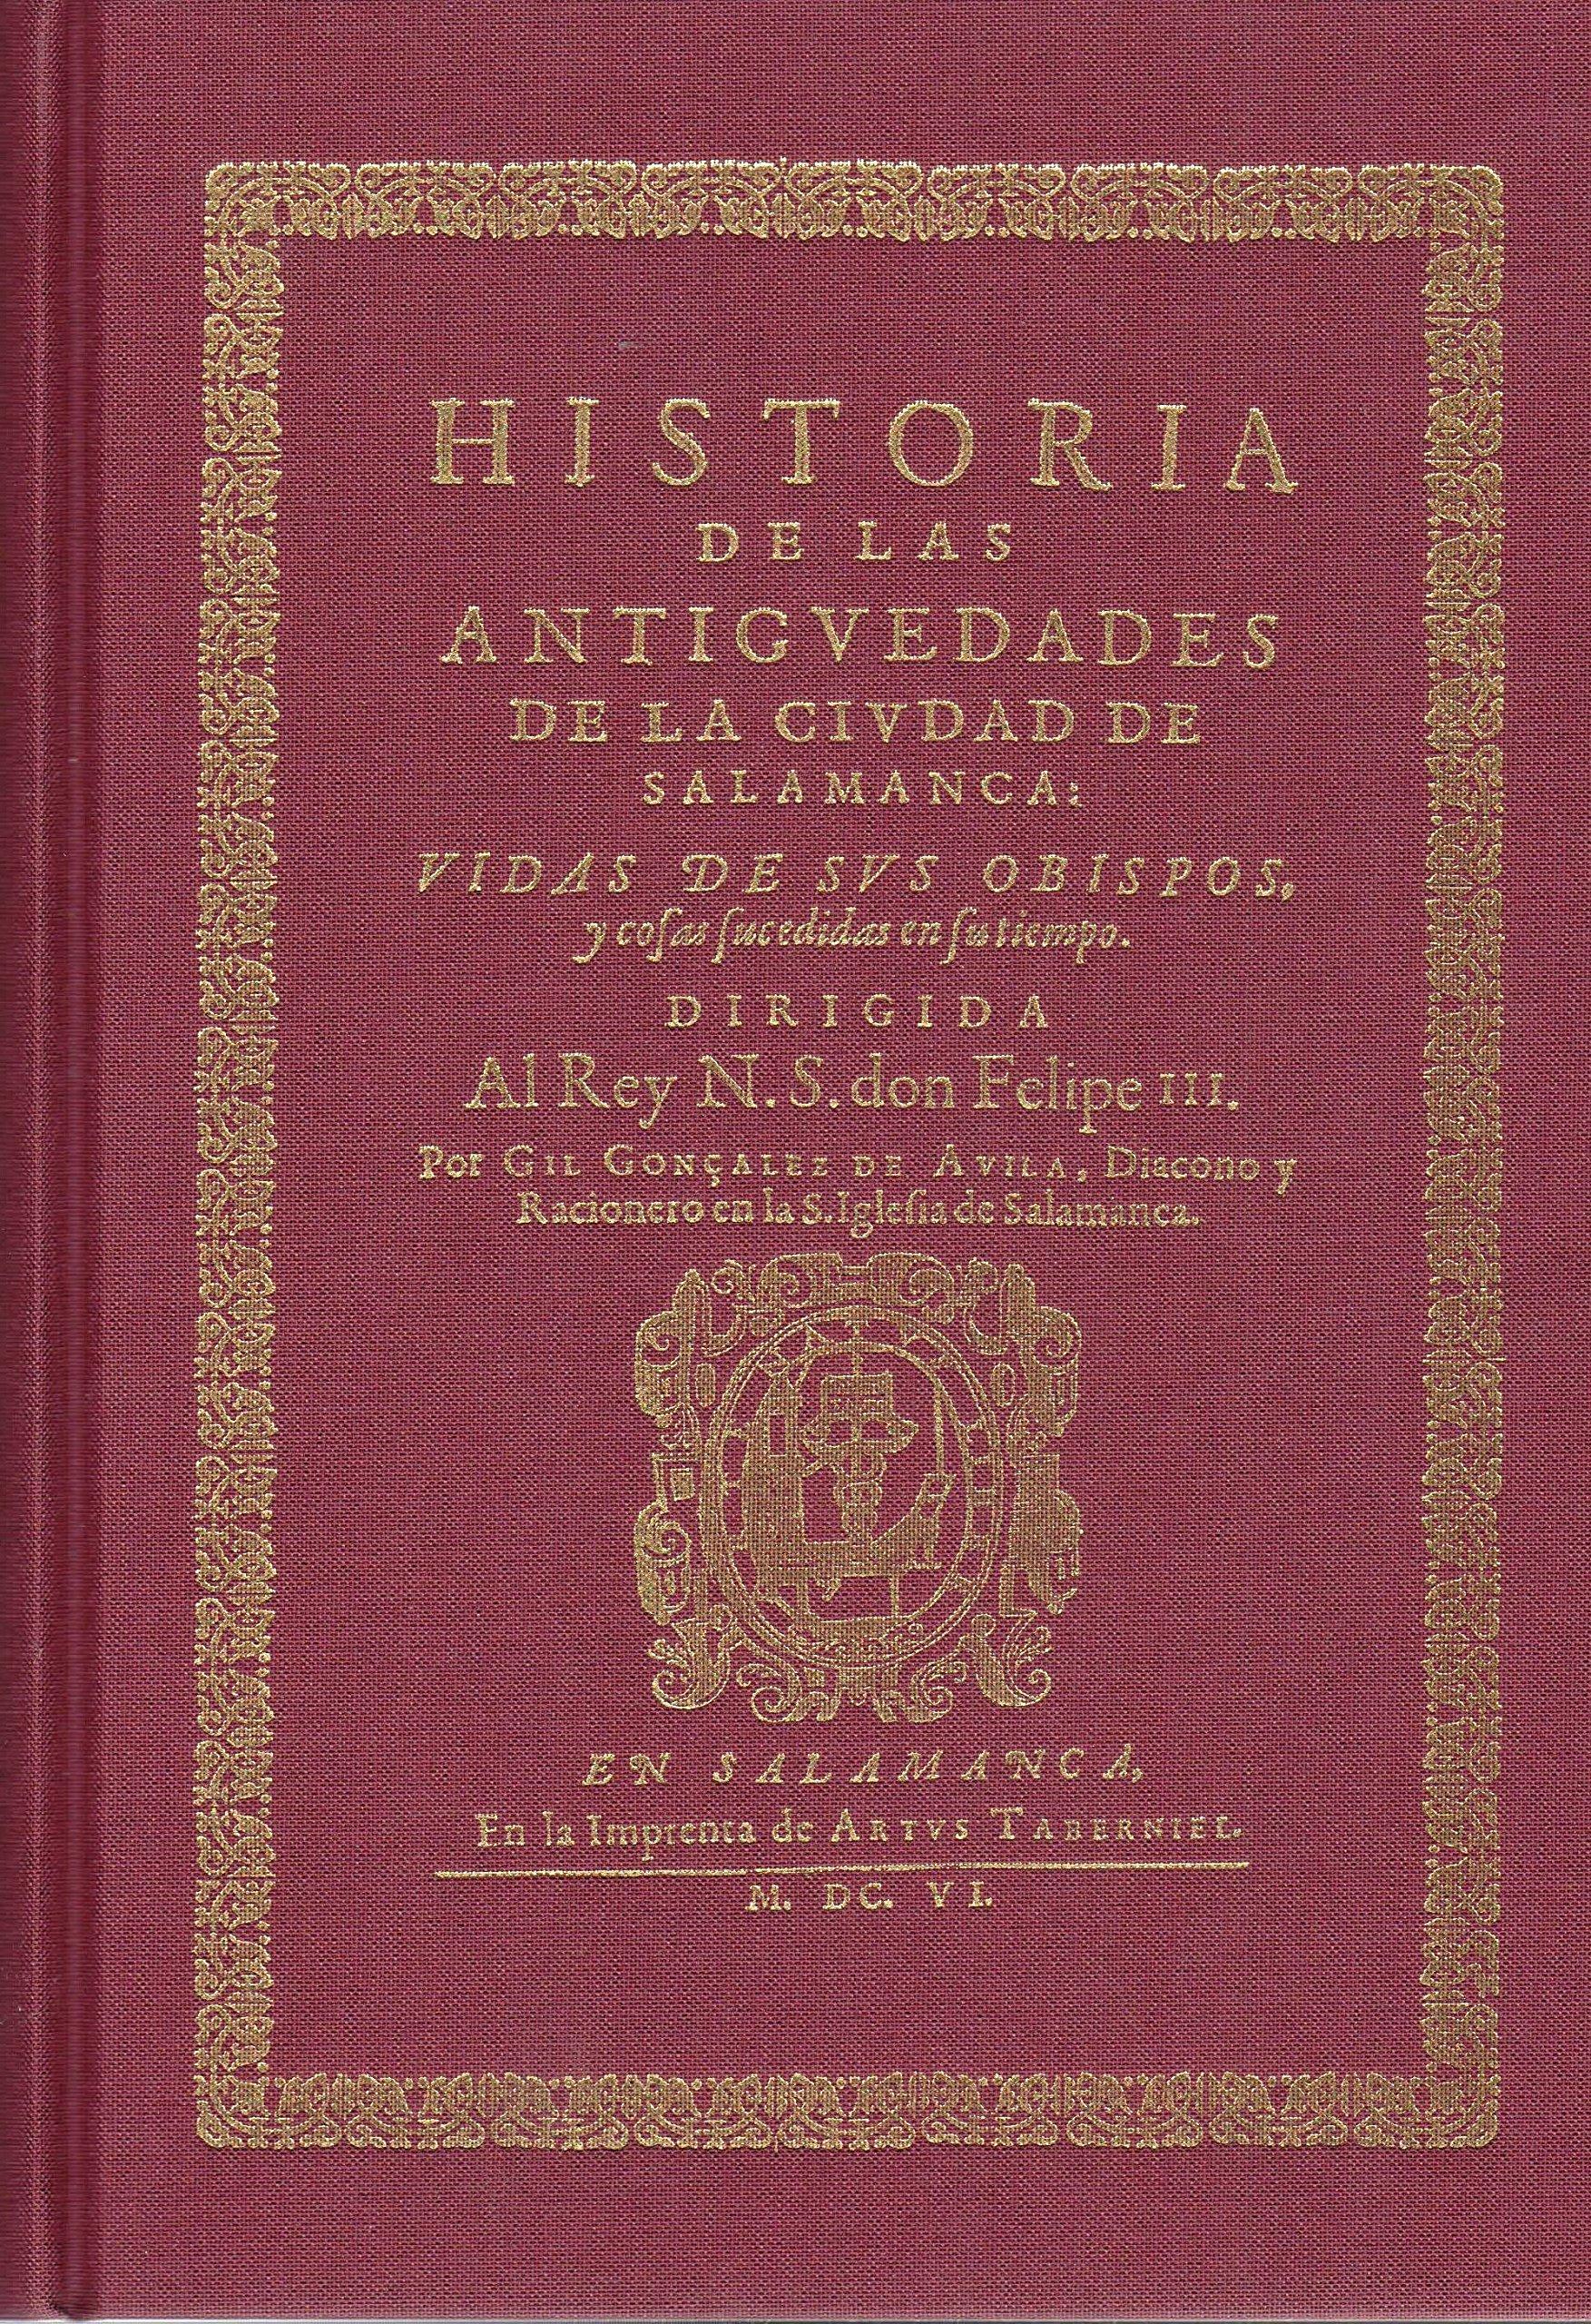 Historia de las antigüedades de la ciudad de Salamanca ...